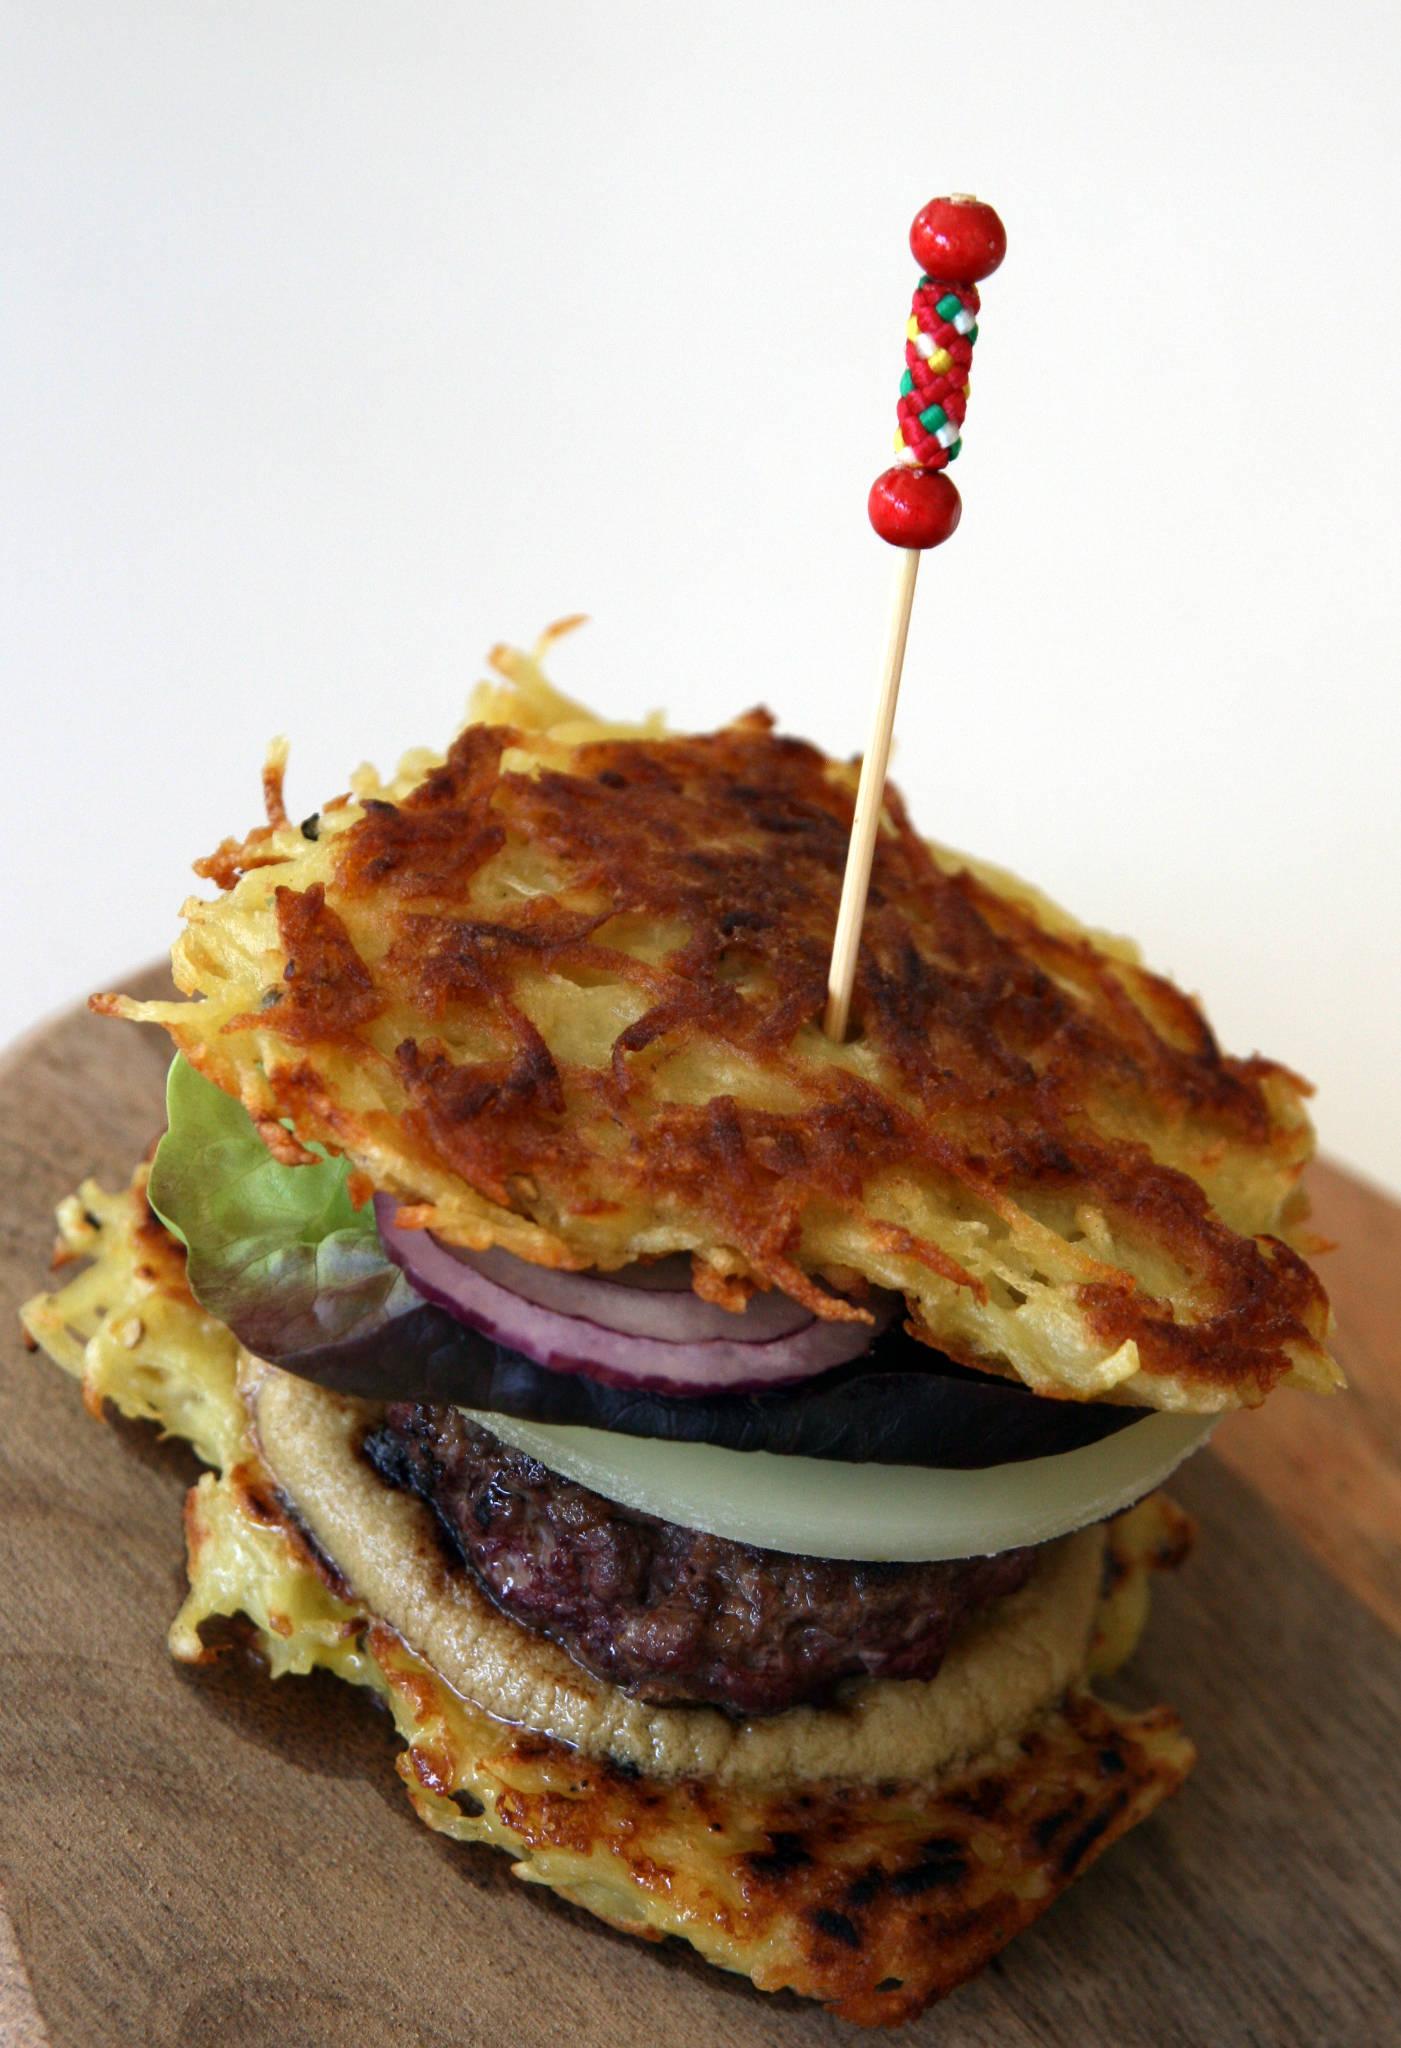 Comme un hamburger de canard, sauce foie gras et brebis d'Aramits